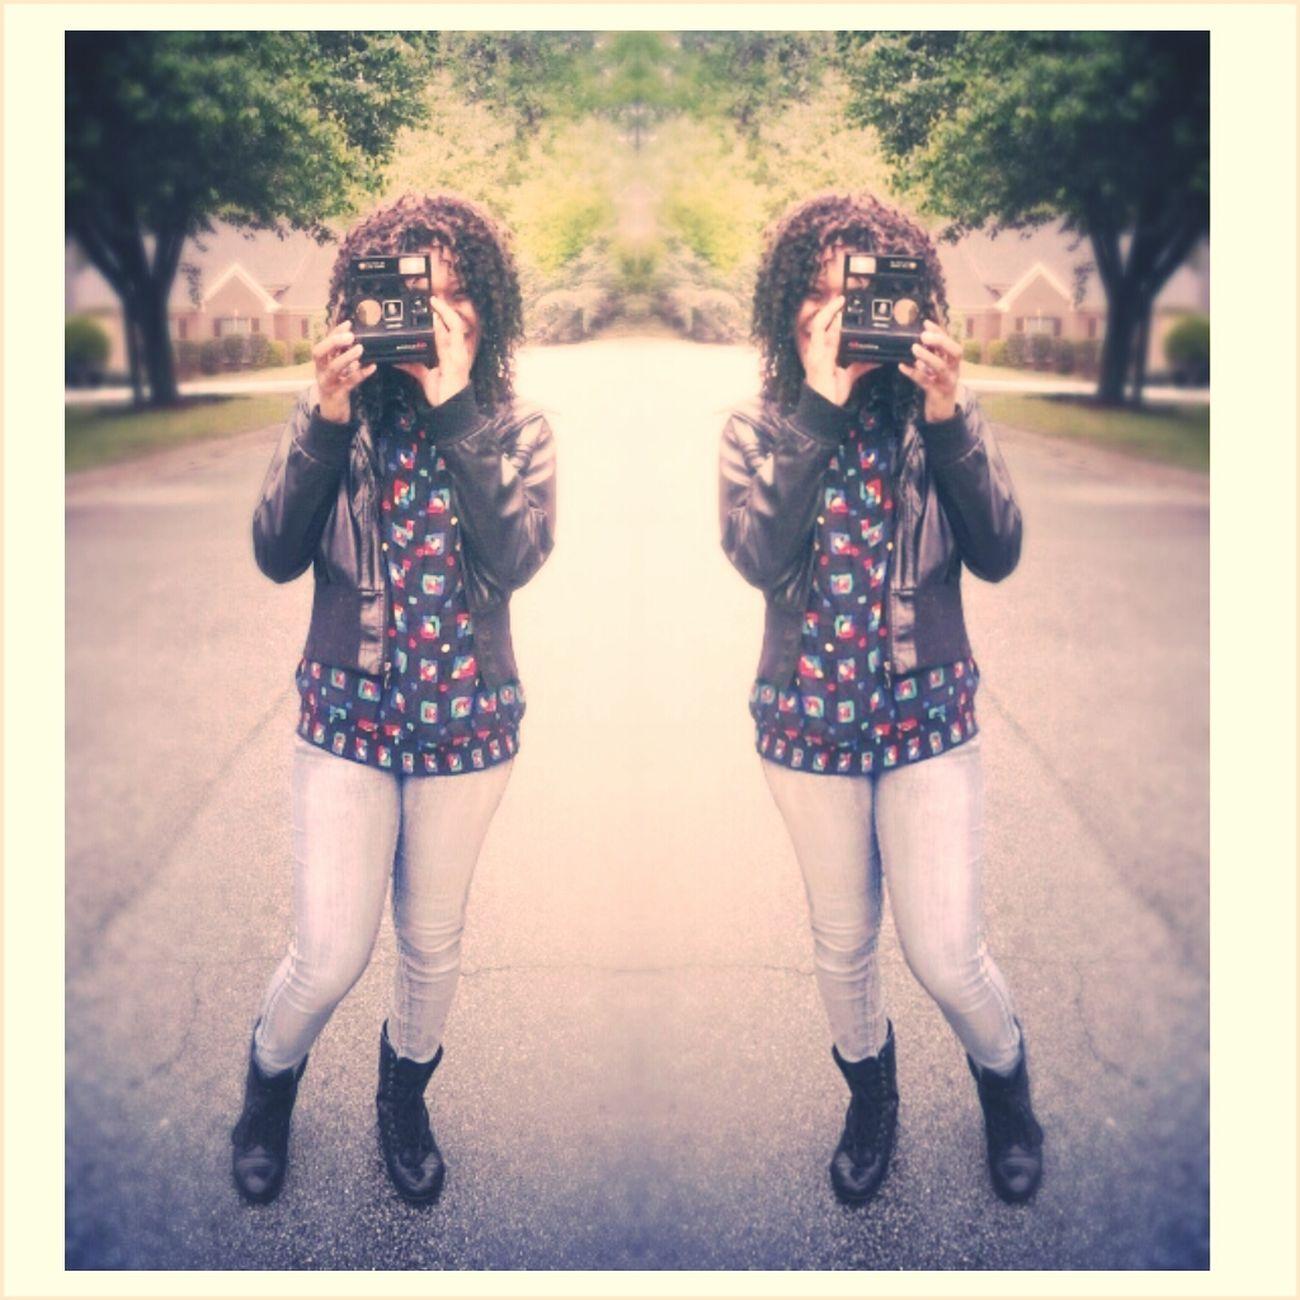 Snapping Pics ♥